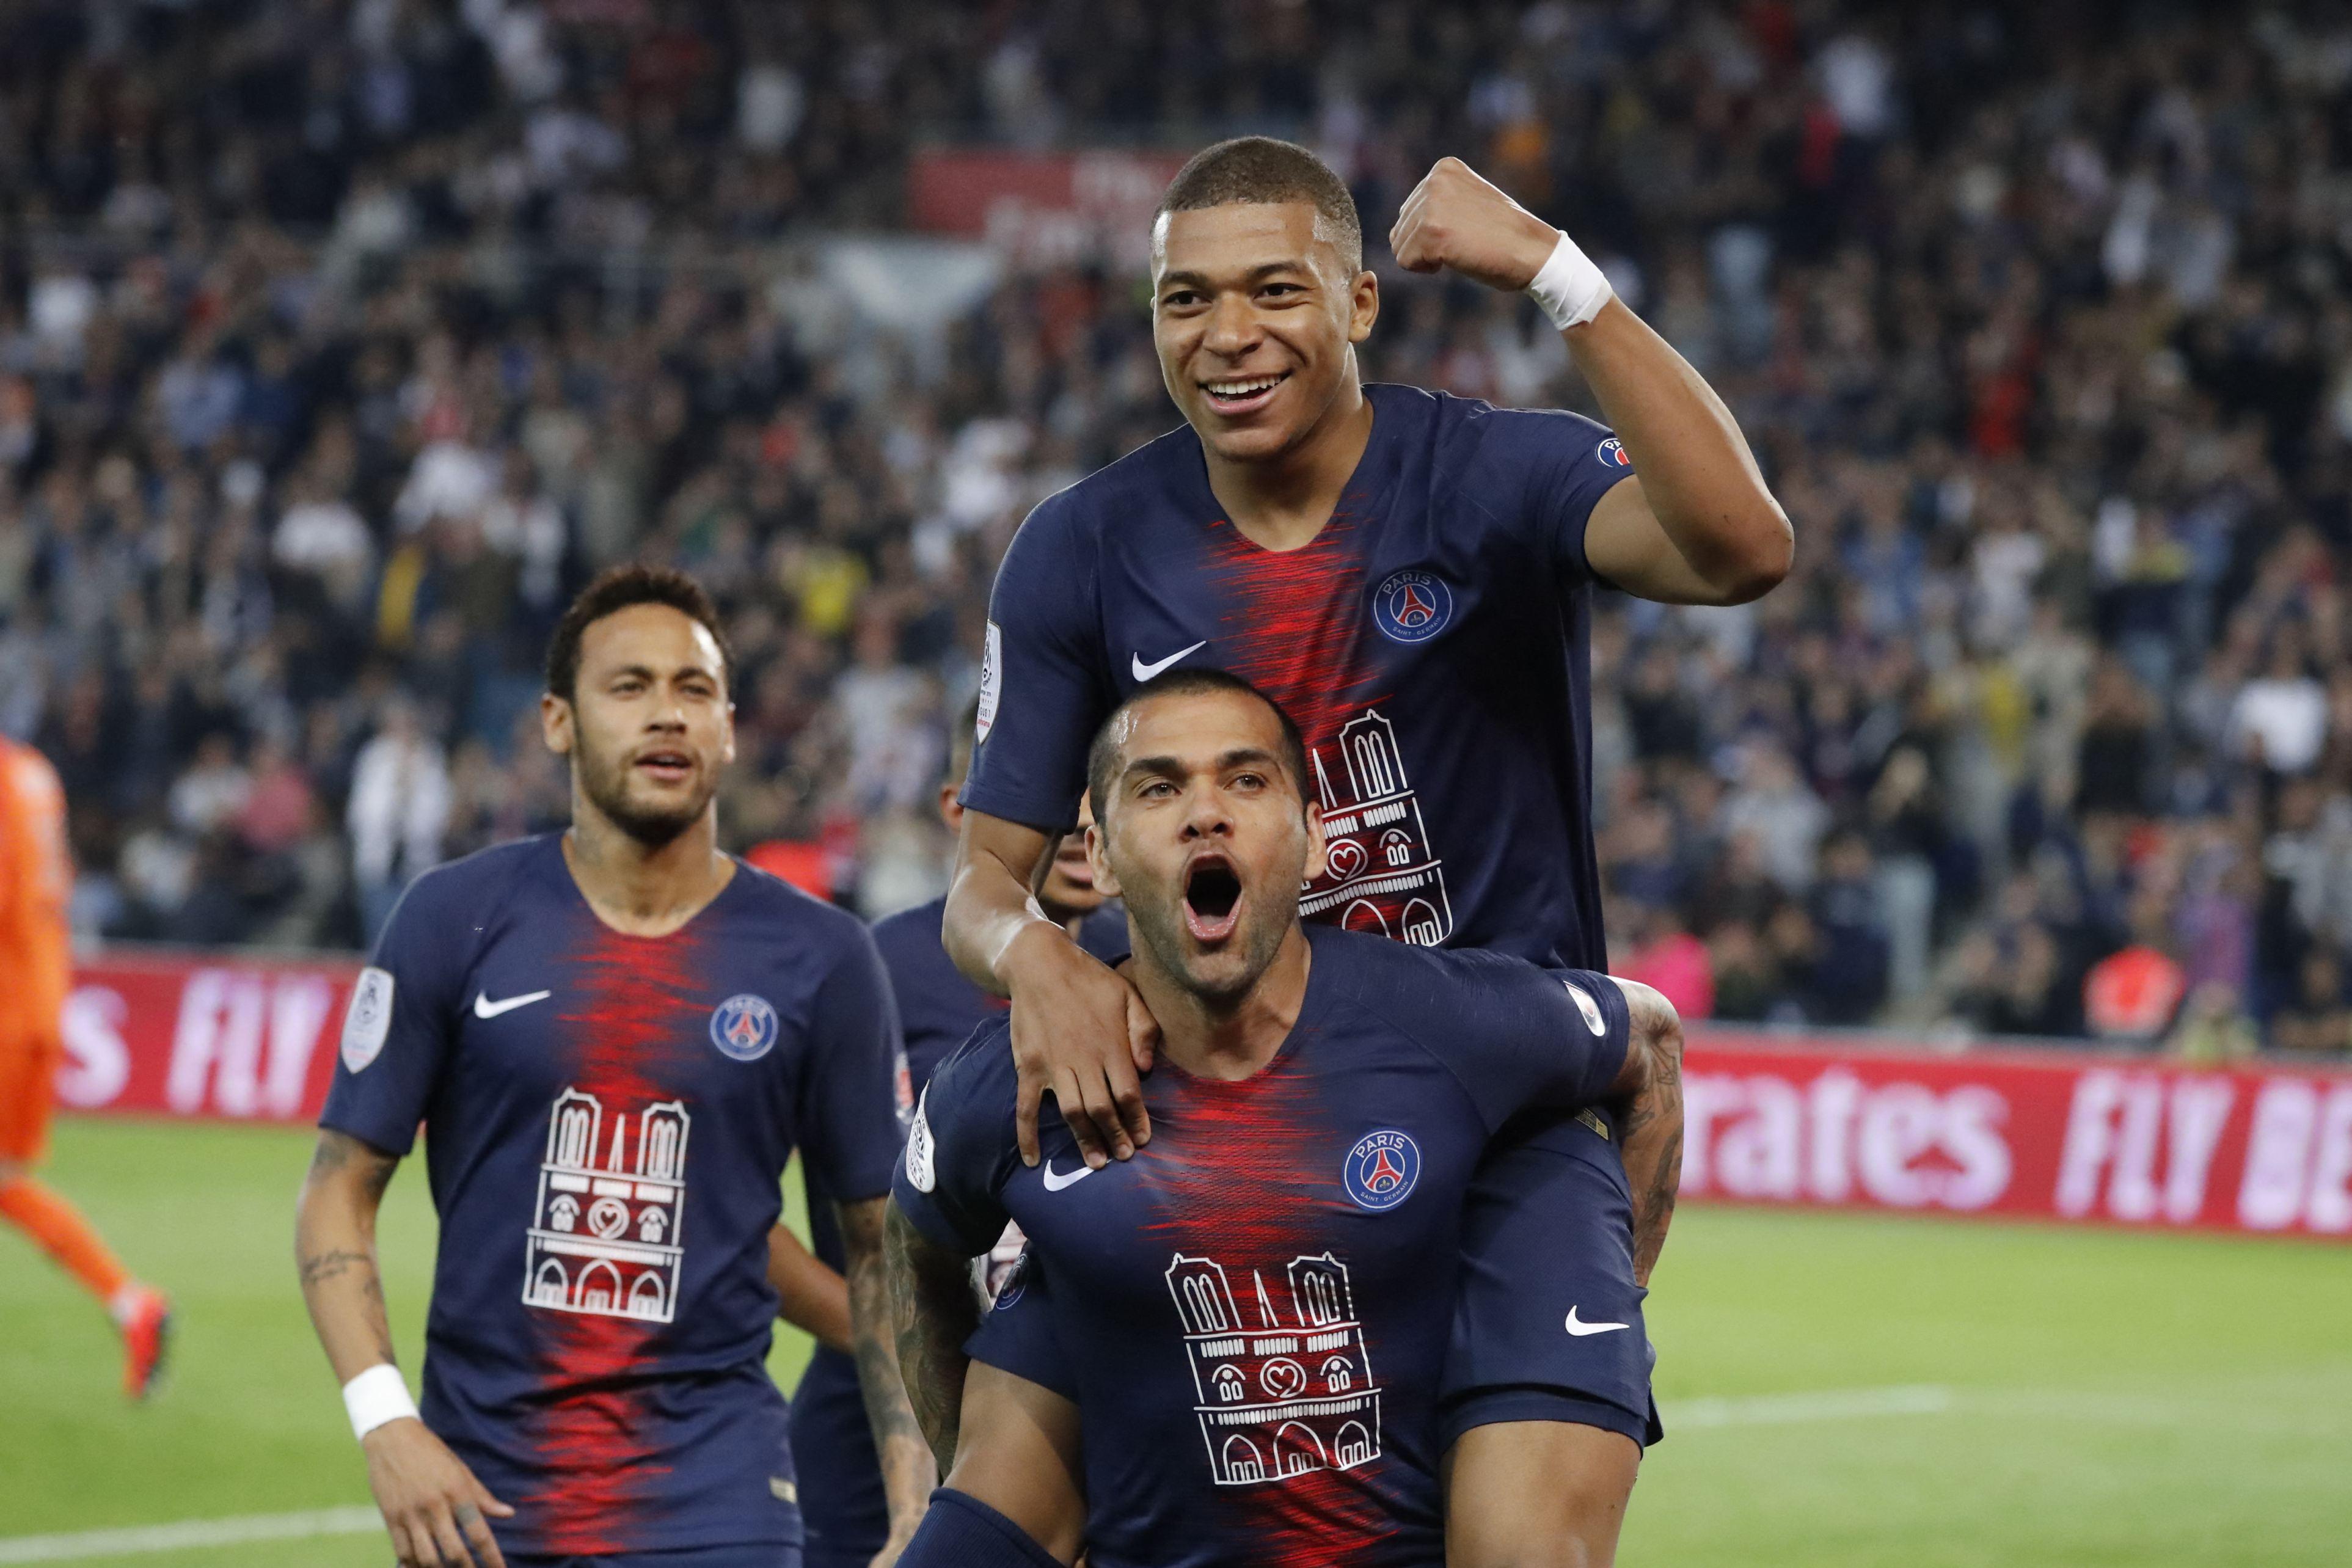 Adrian Thiess organizează amicalele lui PSG din această vară! Unde vor juca parizienii. EXCLUSIV